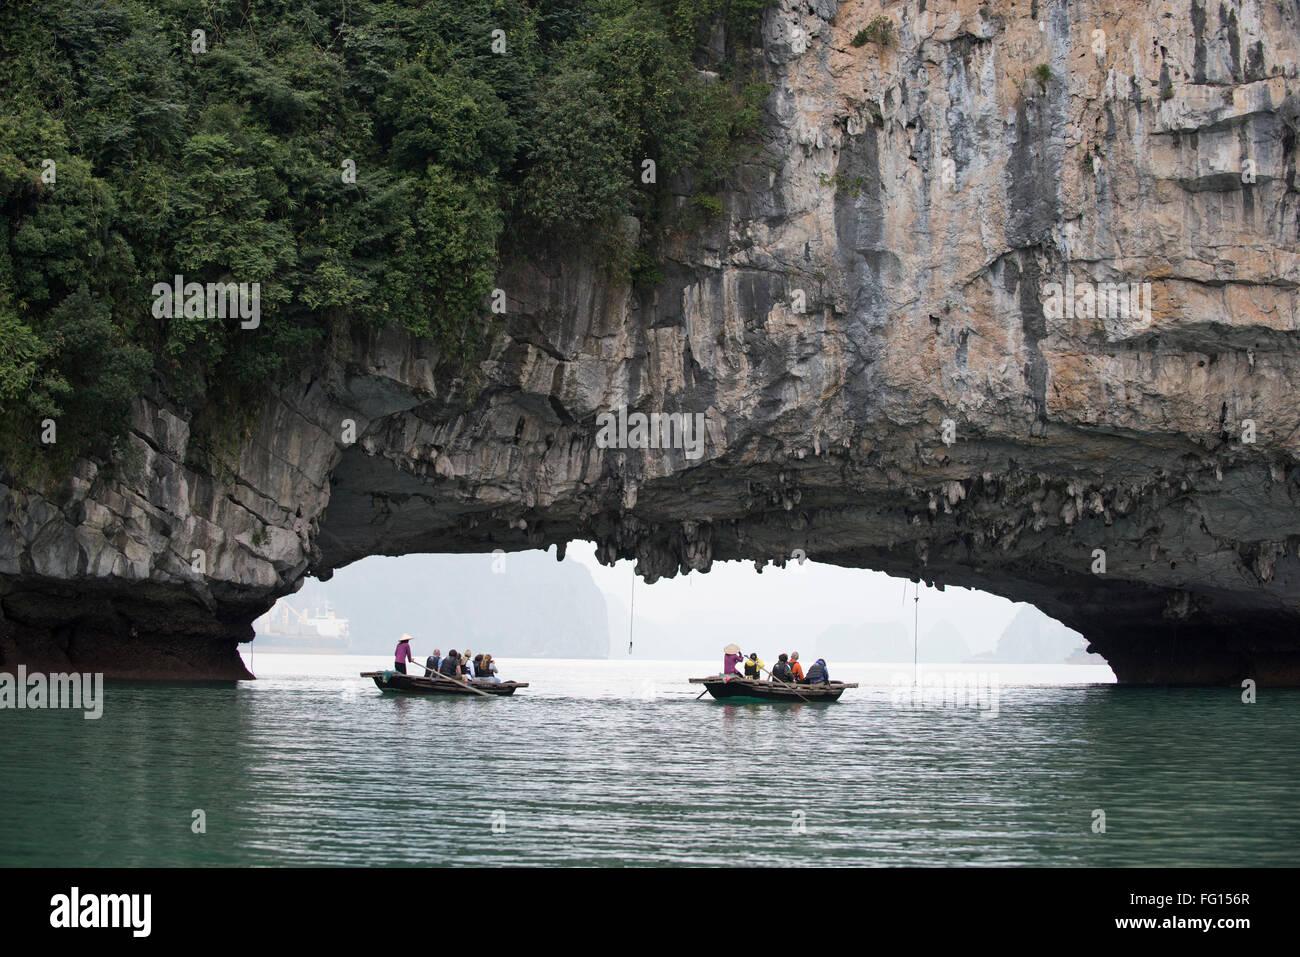 Aviron bateaux touristiques à proximité d'un tunnel, coupé par la mer dans un karst calcaire Photo Stock